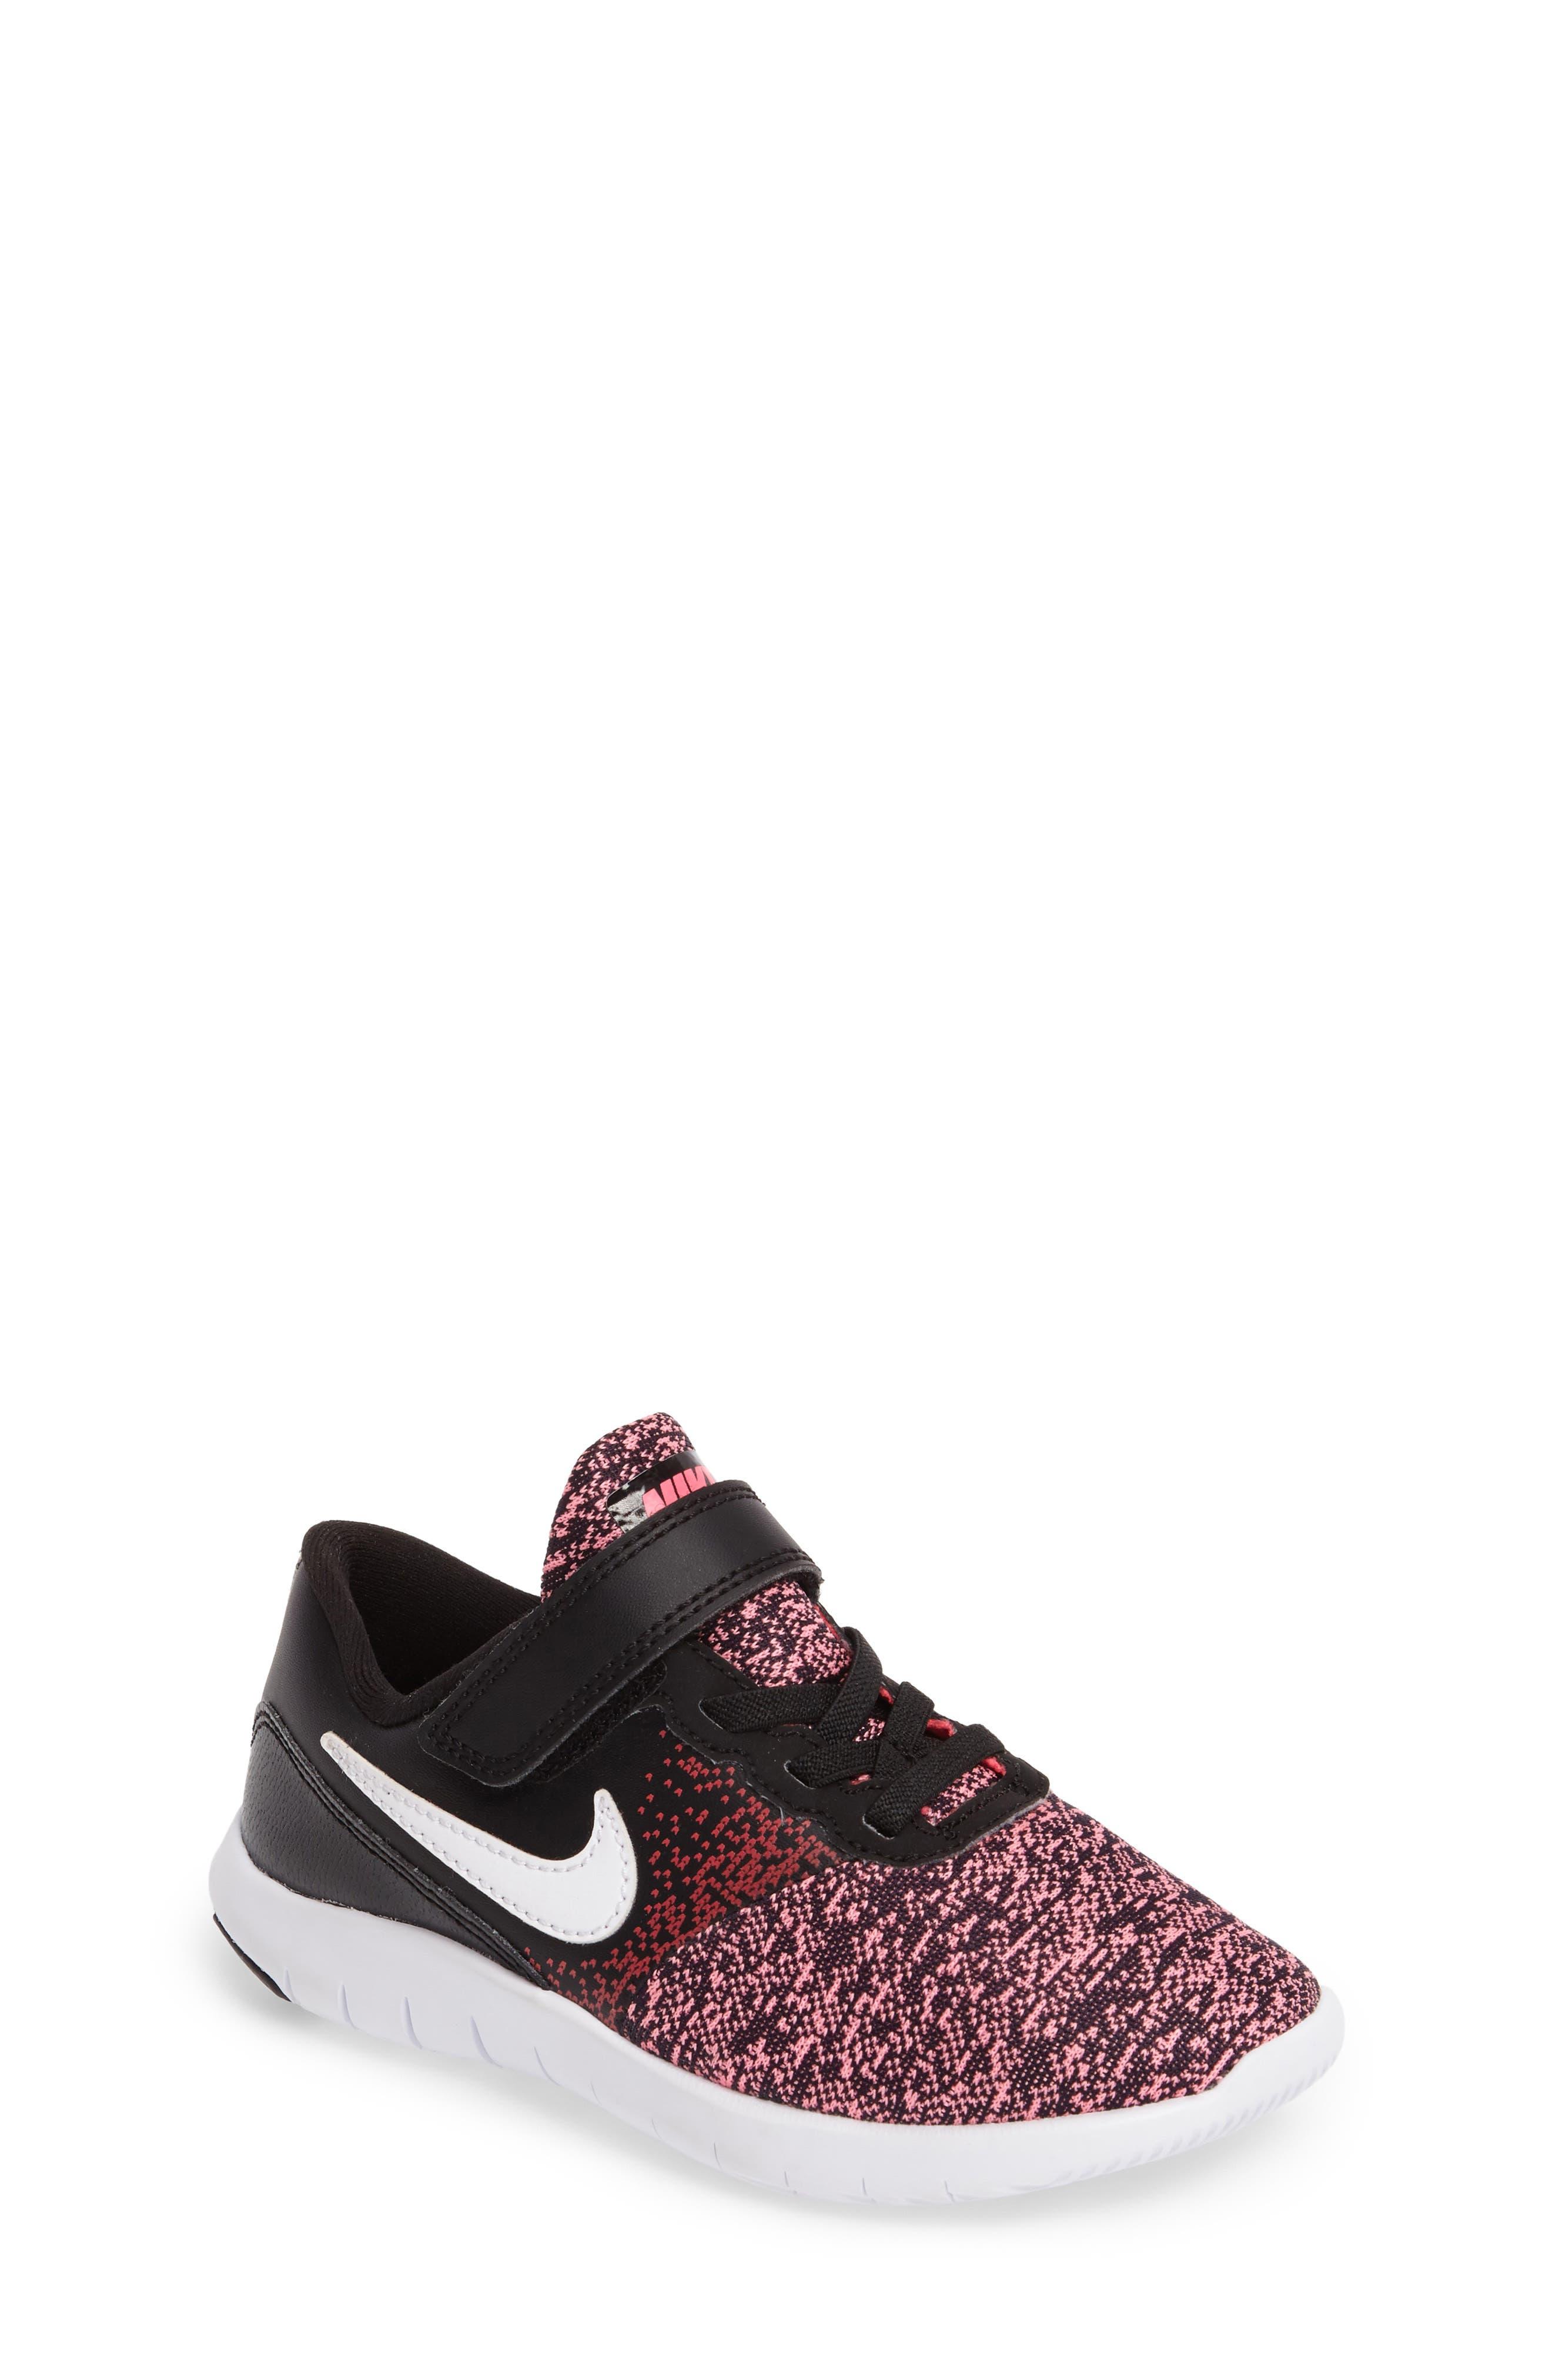 Main Image - Nike Flex Contact Running Shoe (Toddler & Little Kid) (Regular Retail Price: $53.00)